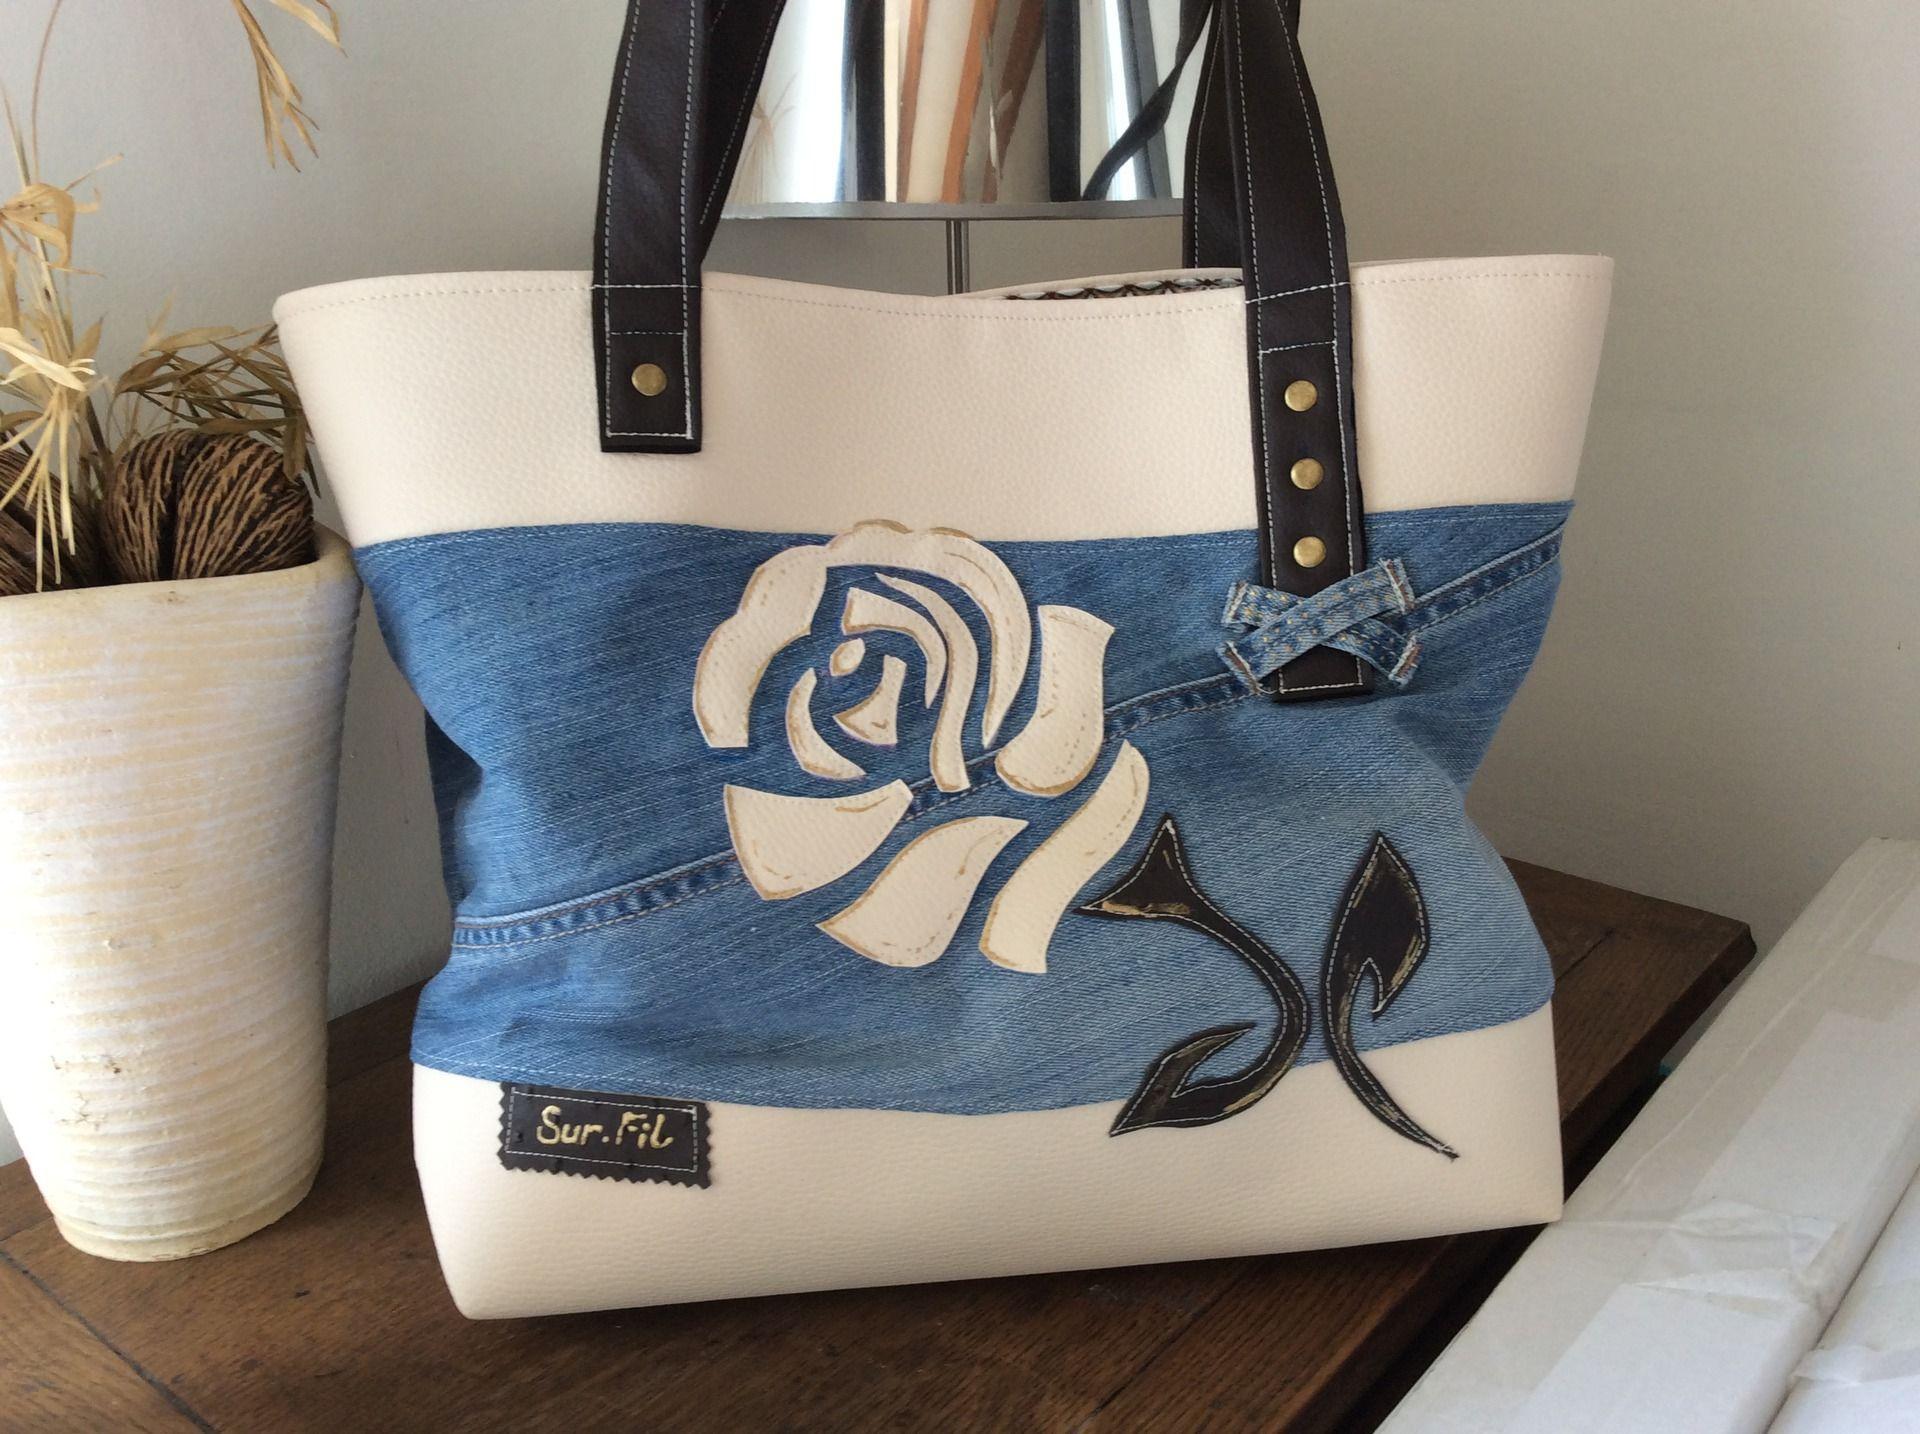 sac le rose en jean et simili sacs main par sur fil. Black Bedroom Furniture Sets. Home Design Ideas